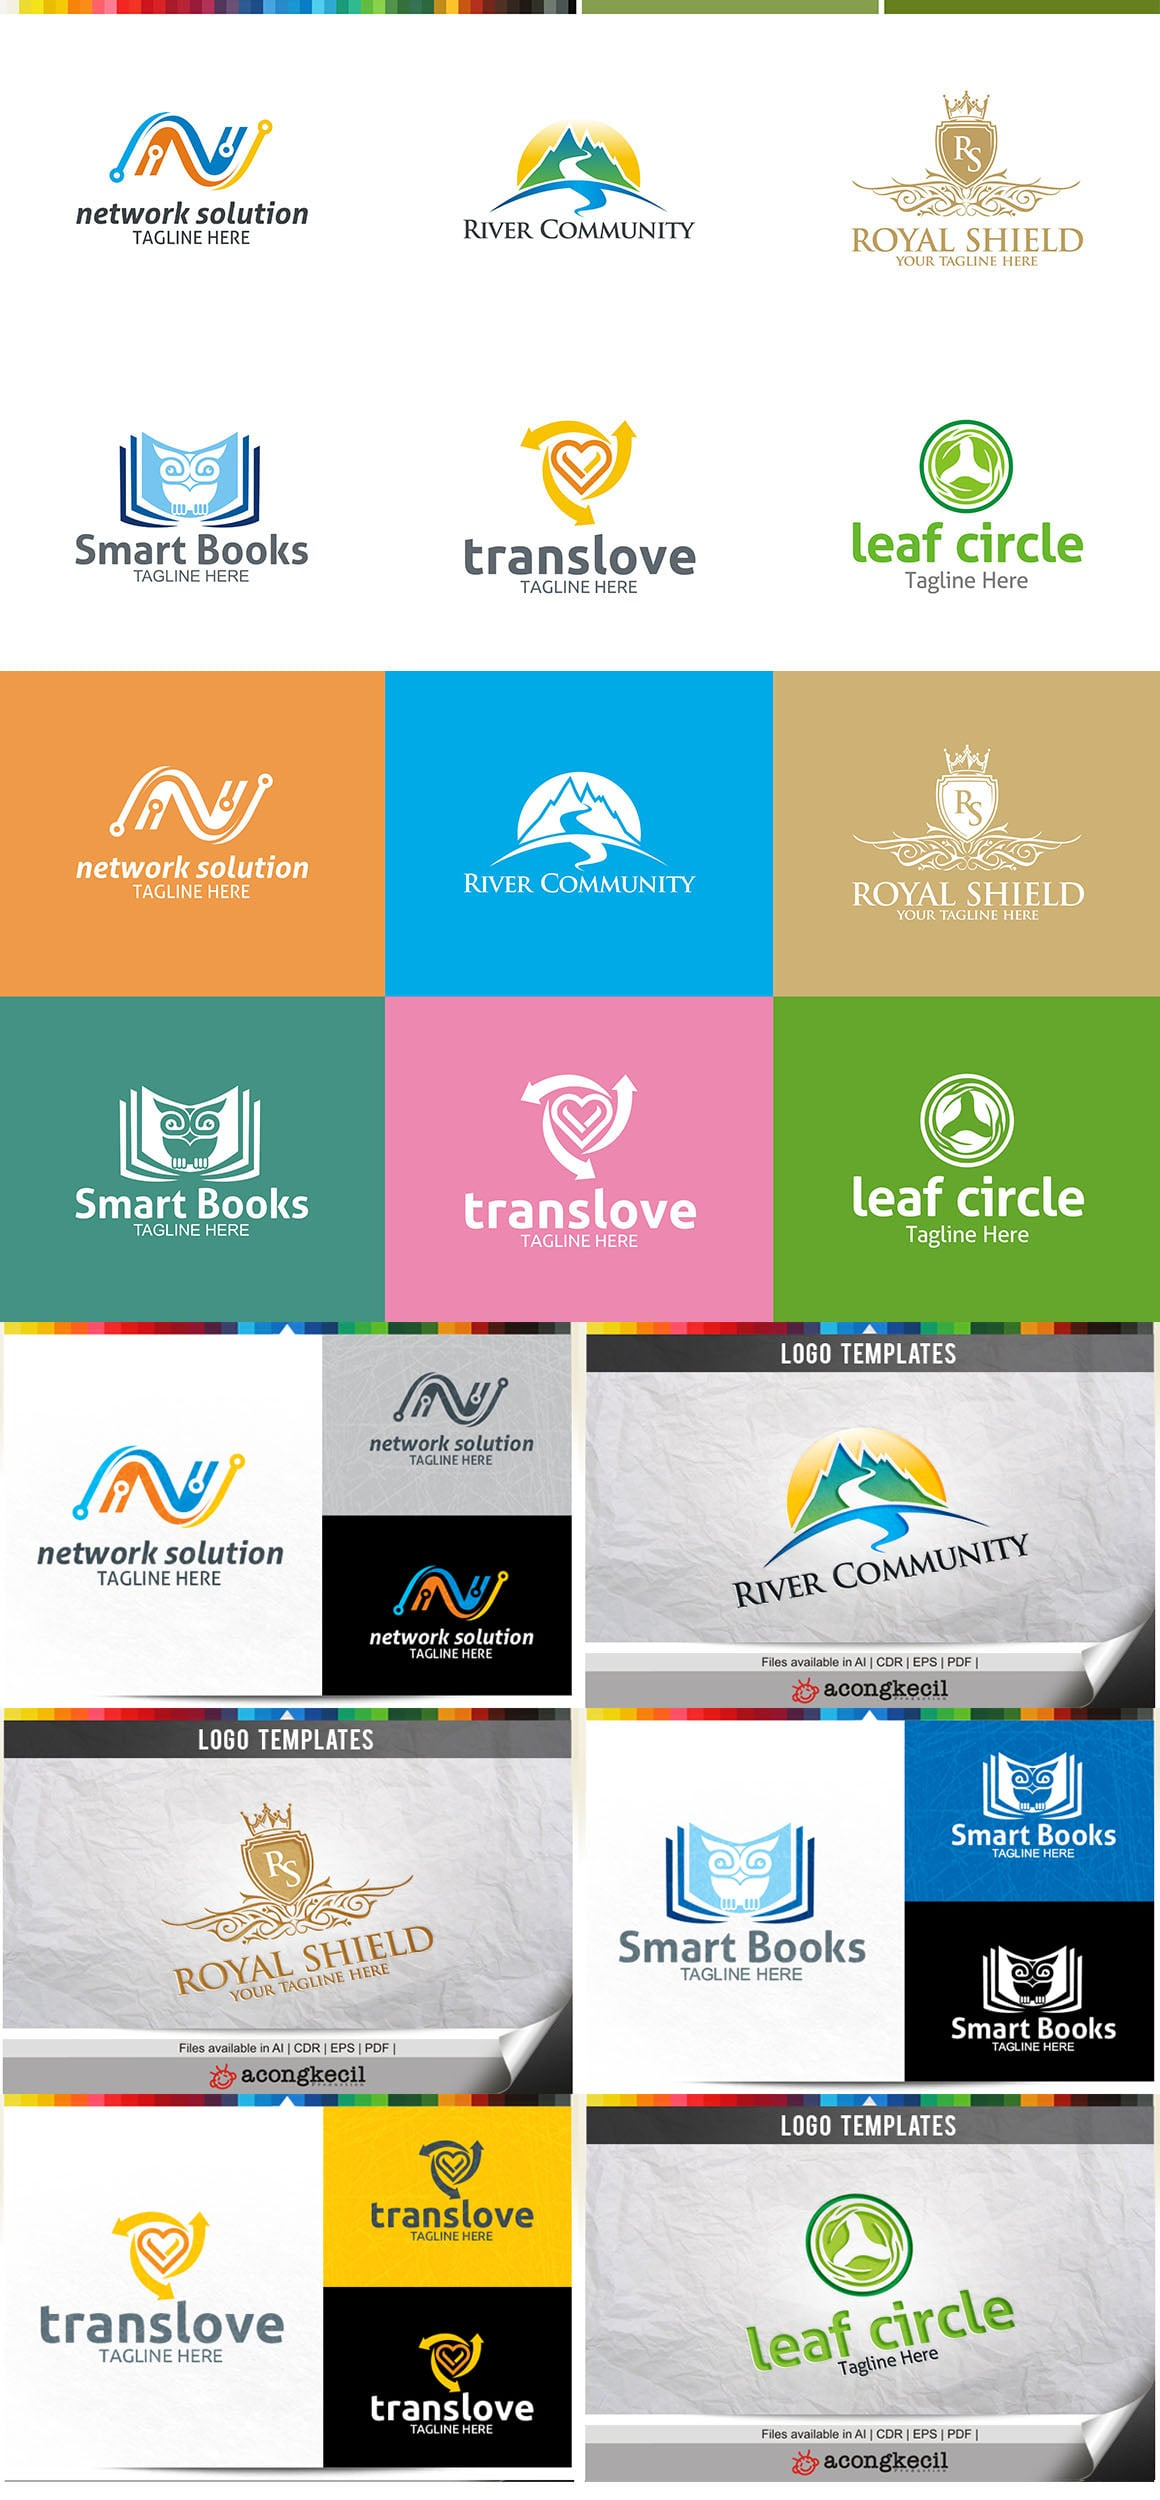 446 Business Logo Bundle - 99%+ OFF - Bundle 06 Preview5A